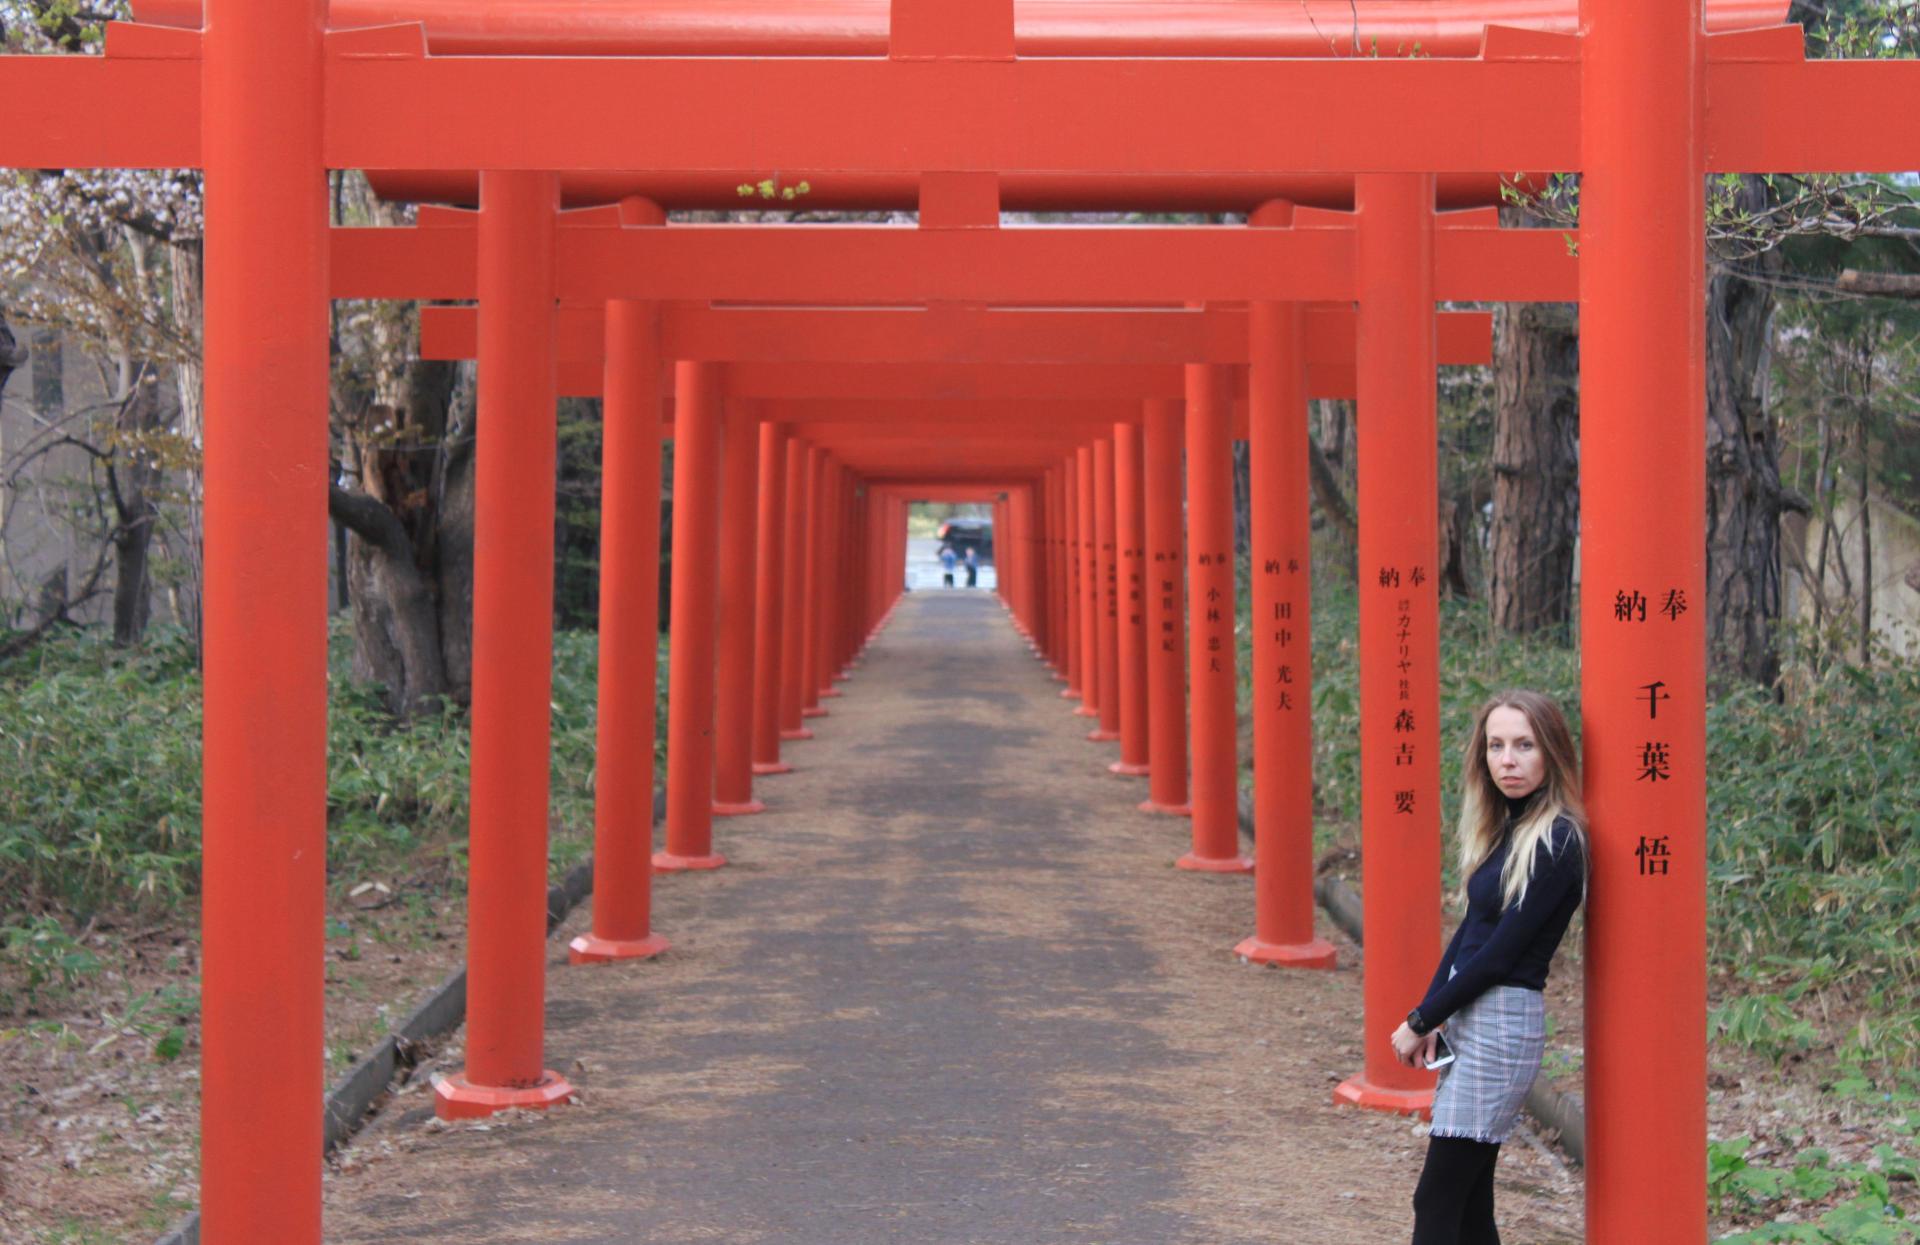 japonia hokkaido sapporo swiatyniajaponska czerwonebramyjaponia czerwonebramysapporo fushimiinarishrine iglawpodrozy